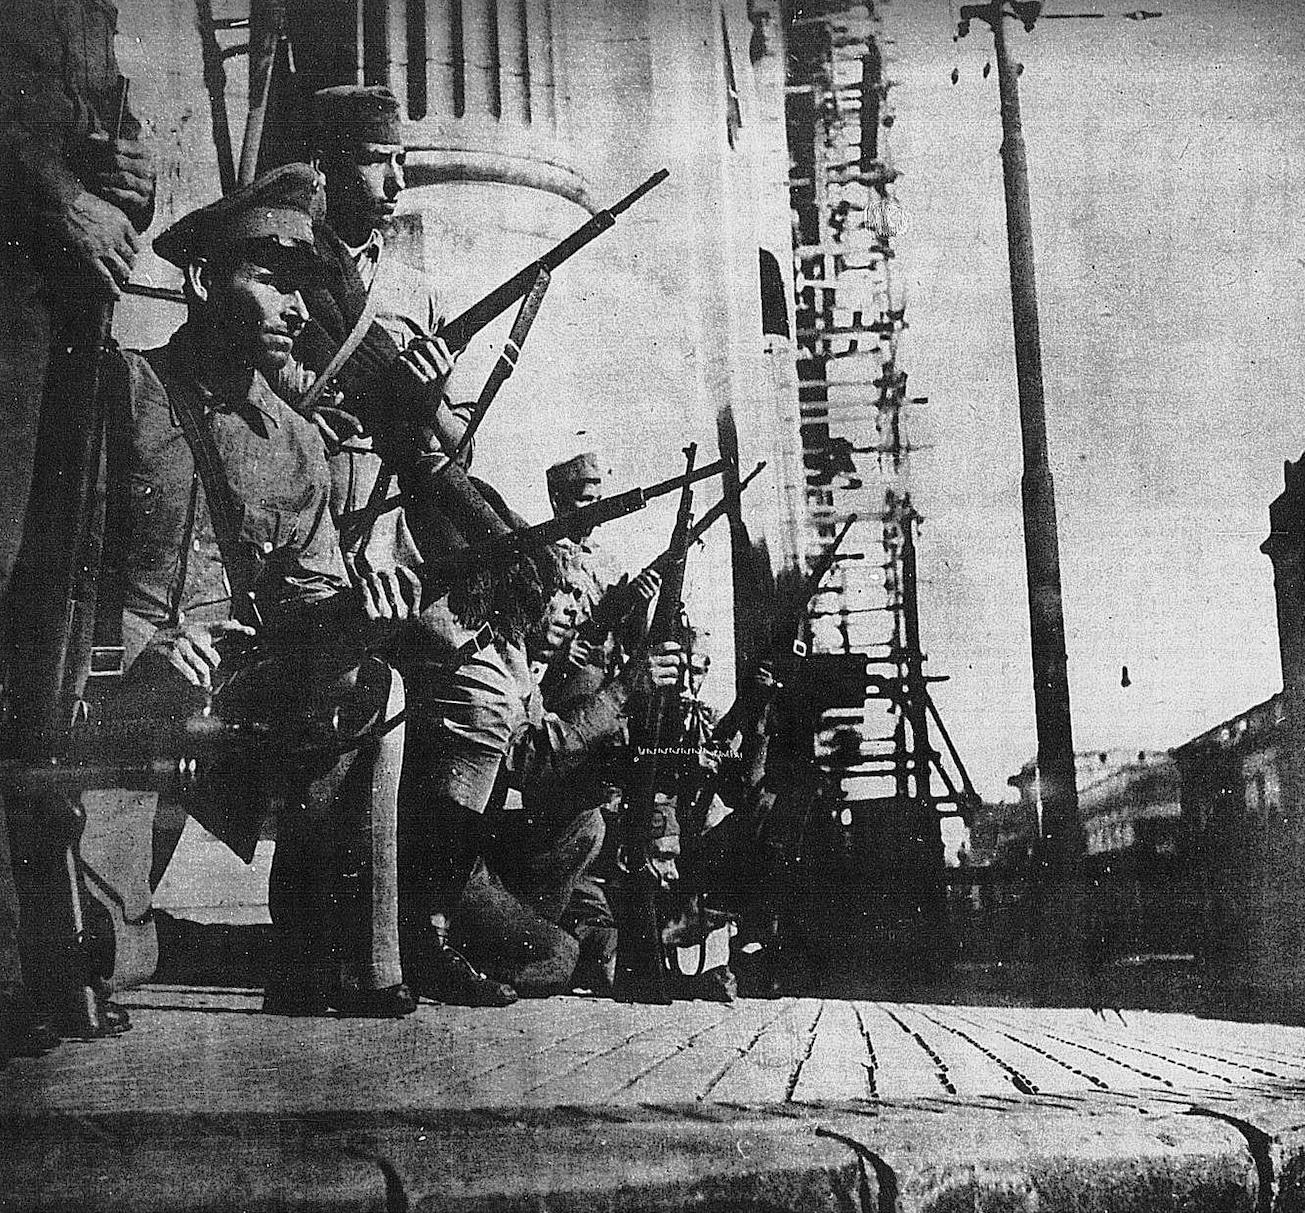 Calle Colón, revolución de 1947. A noite, mayo 1947